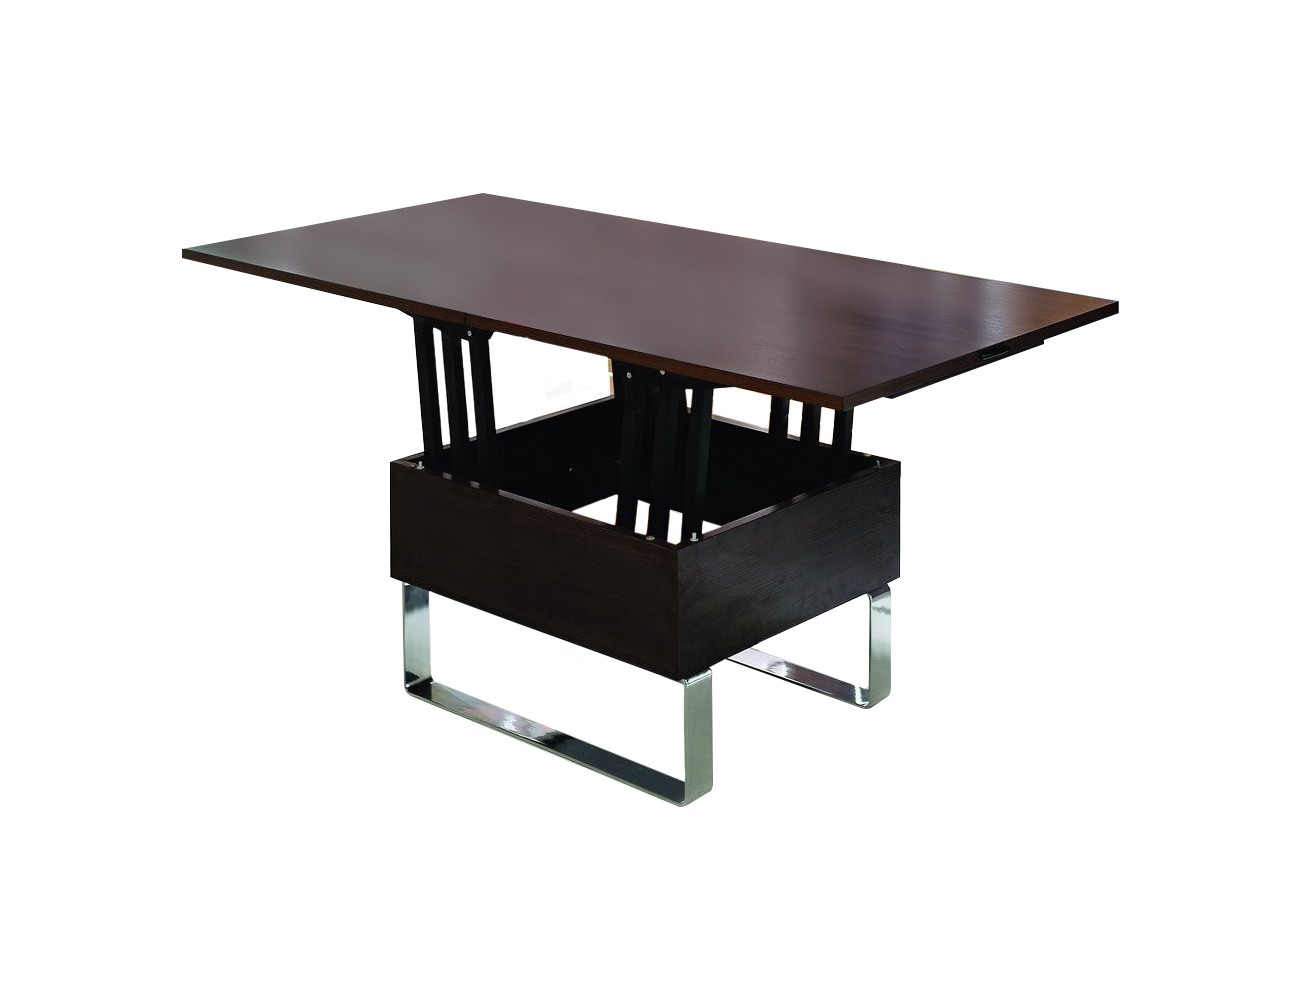 Стол В2218 AG венгеЖурнальные столики<br>Стол раскладывается, ширина от 75 до 150 см.&amp;lt;div&amp;gt;Материалы: МДФ, металл&amp;lt;/div&amp;gt;<br><br>Material: МДФ<br>Width см: 75<br>Depth см: 75<br>Height см: 76